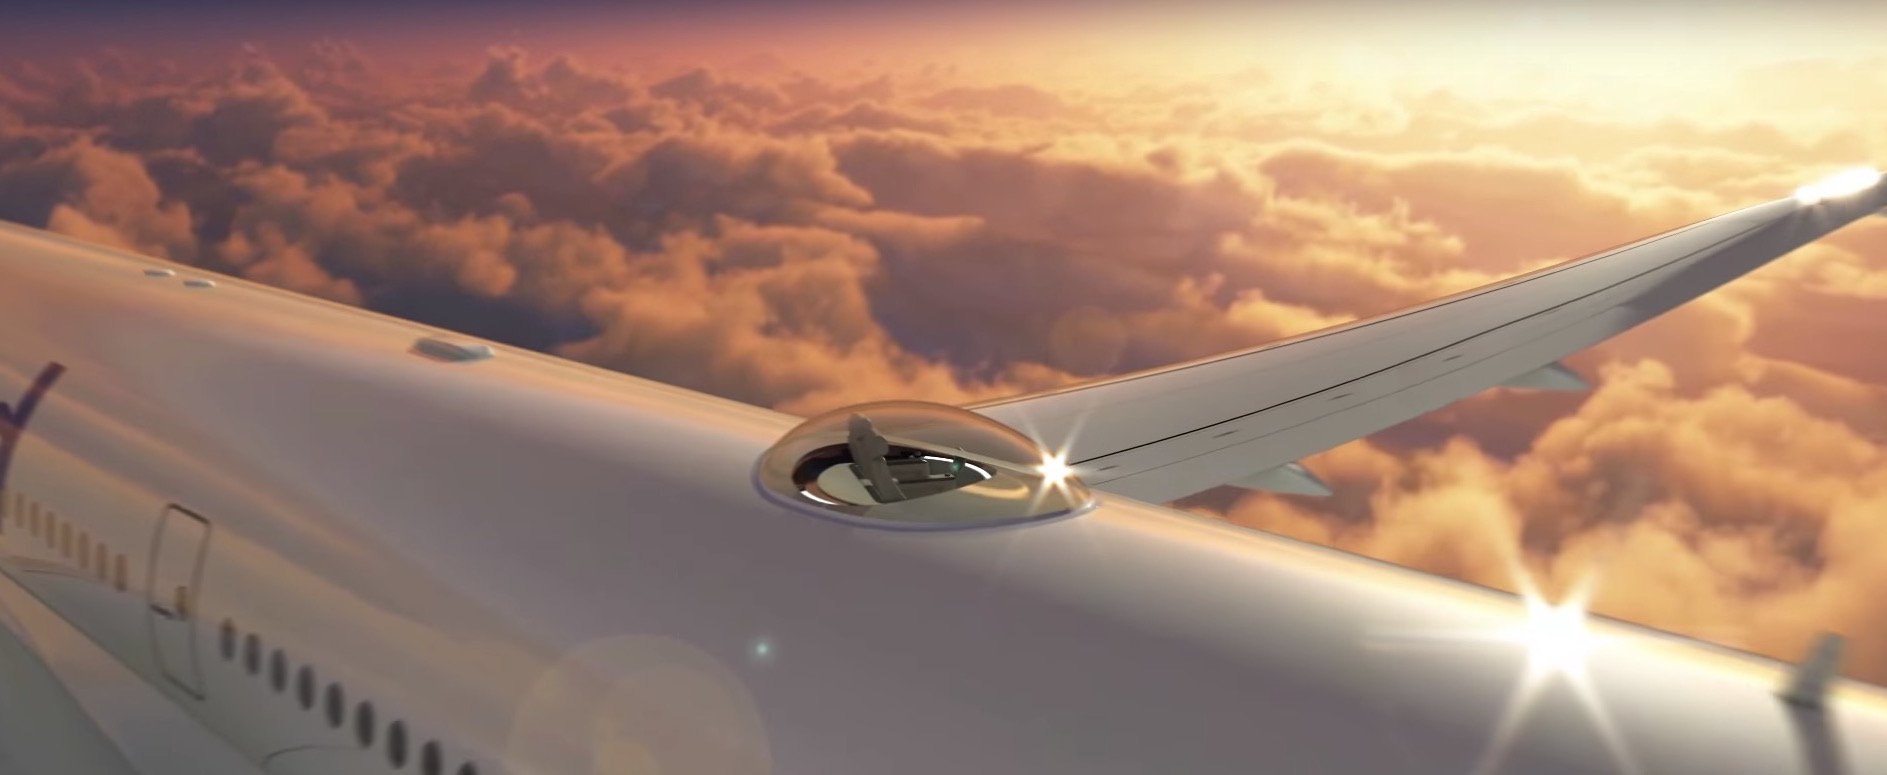 Windspeed SkyDeck капсула панорамный обзор самолеты лайнеры небесная палуба технологии новости отвратительные мужики